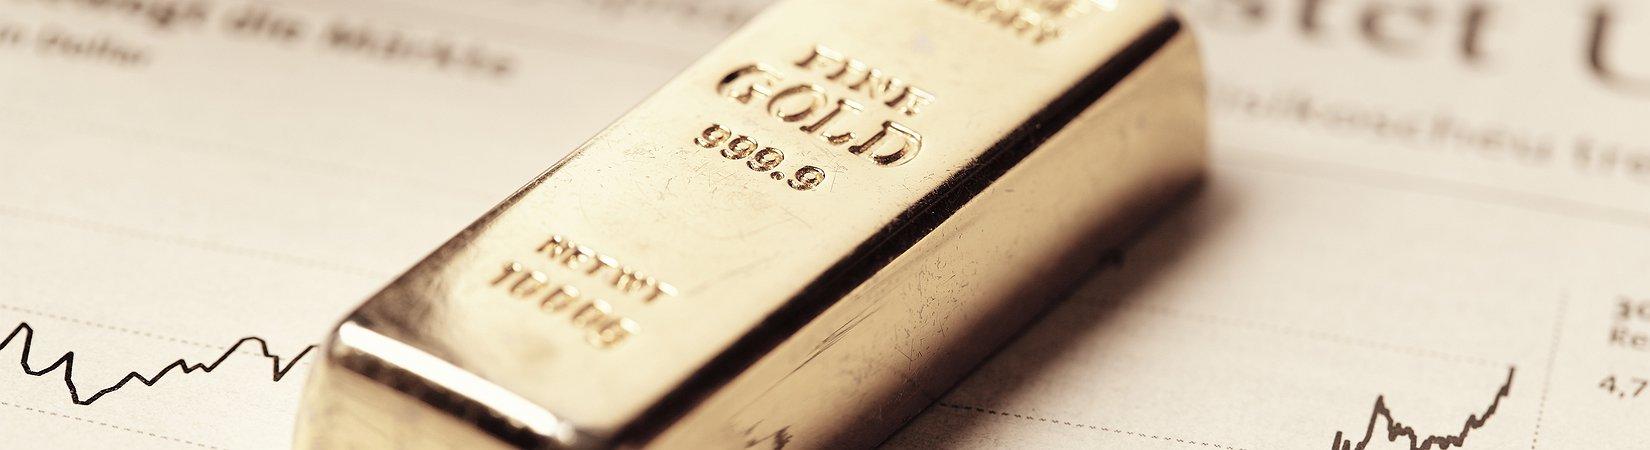 Cómo la Fed afecta al valor del oro